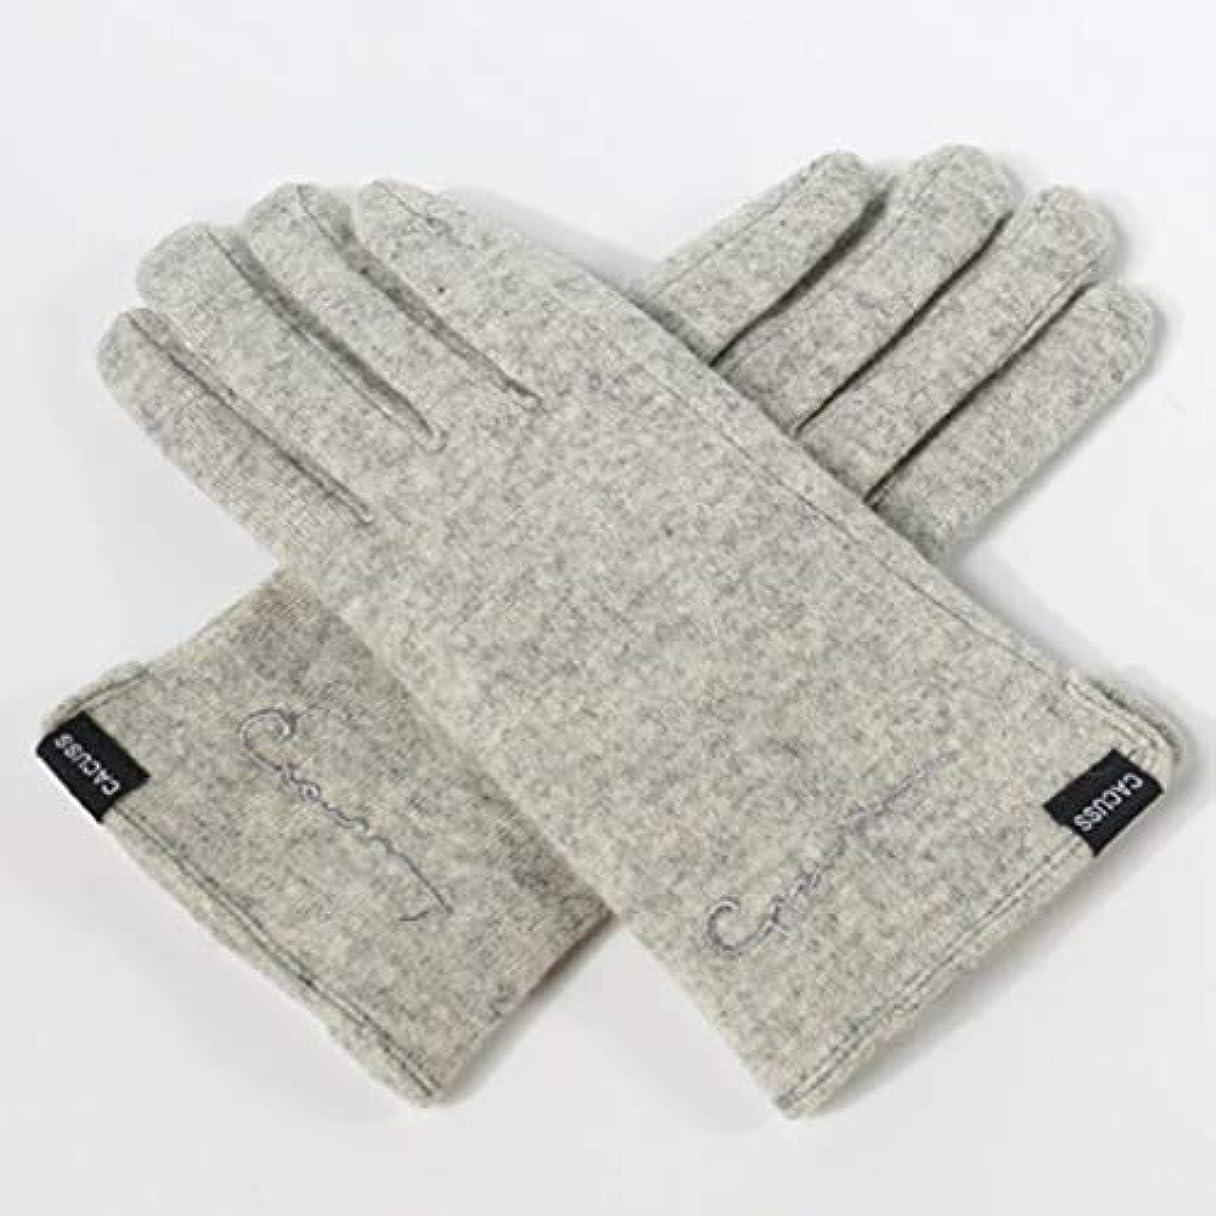 手袋女性の冬のタッチスクリーンのファッション暖かく快適なポイントは、乗馬を厚くする (色 : Gray)